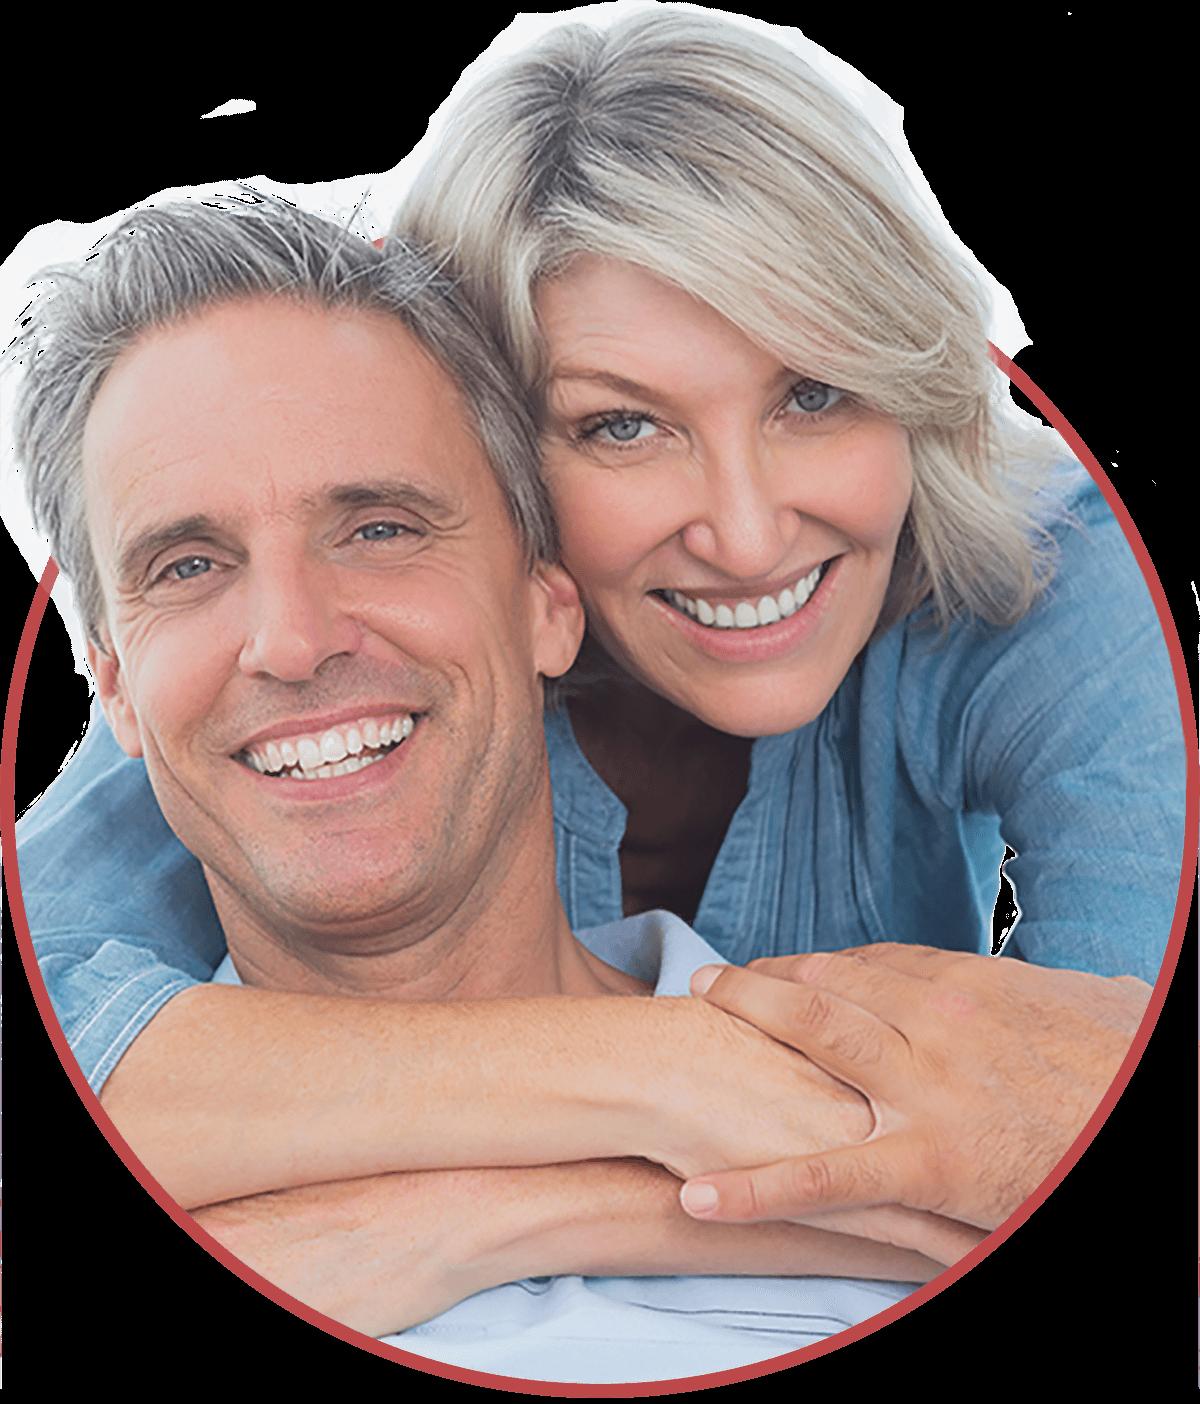 Cusute Senior Dating Site)